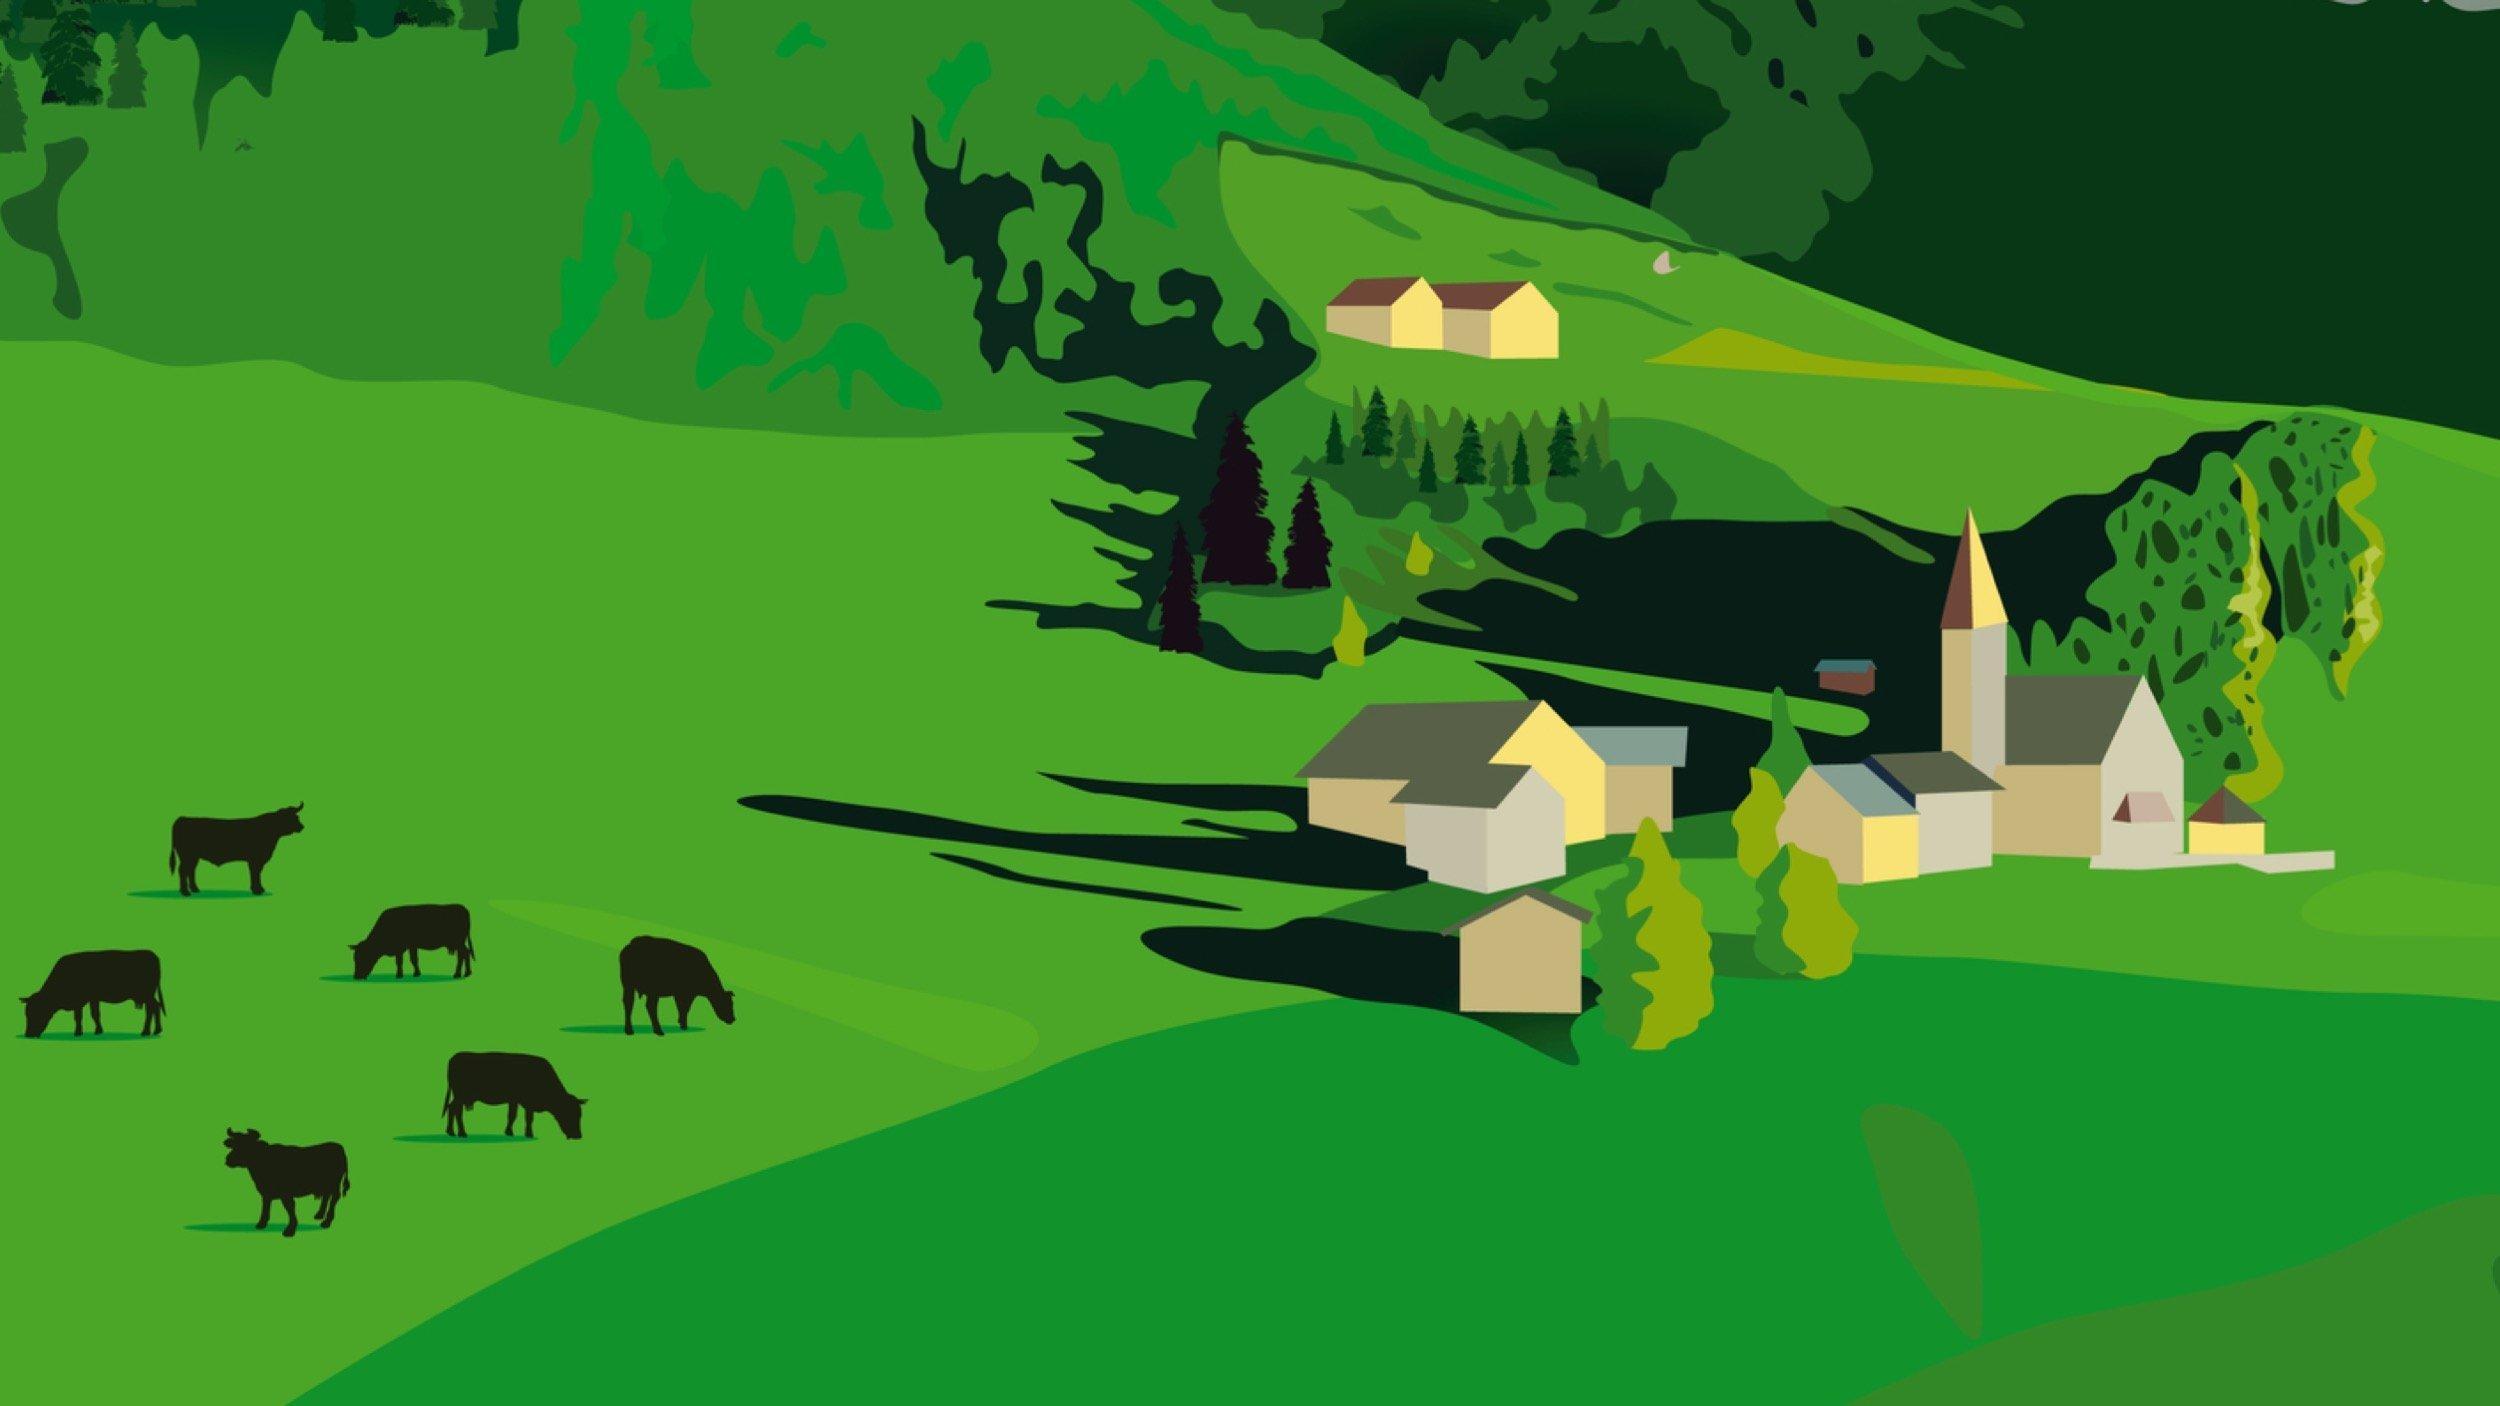 Künstlerische Illustration von Bergen mit einem Dorf und ein paar Tieren.